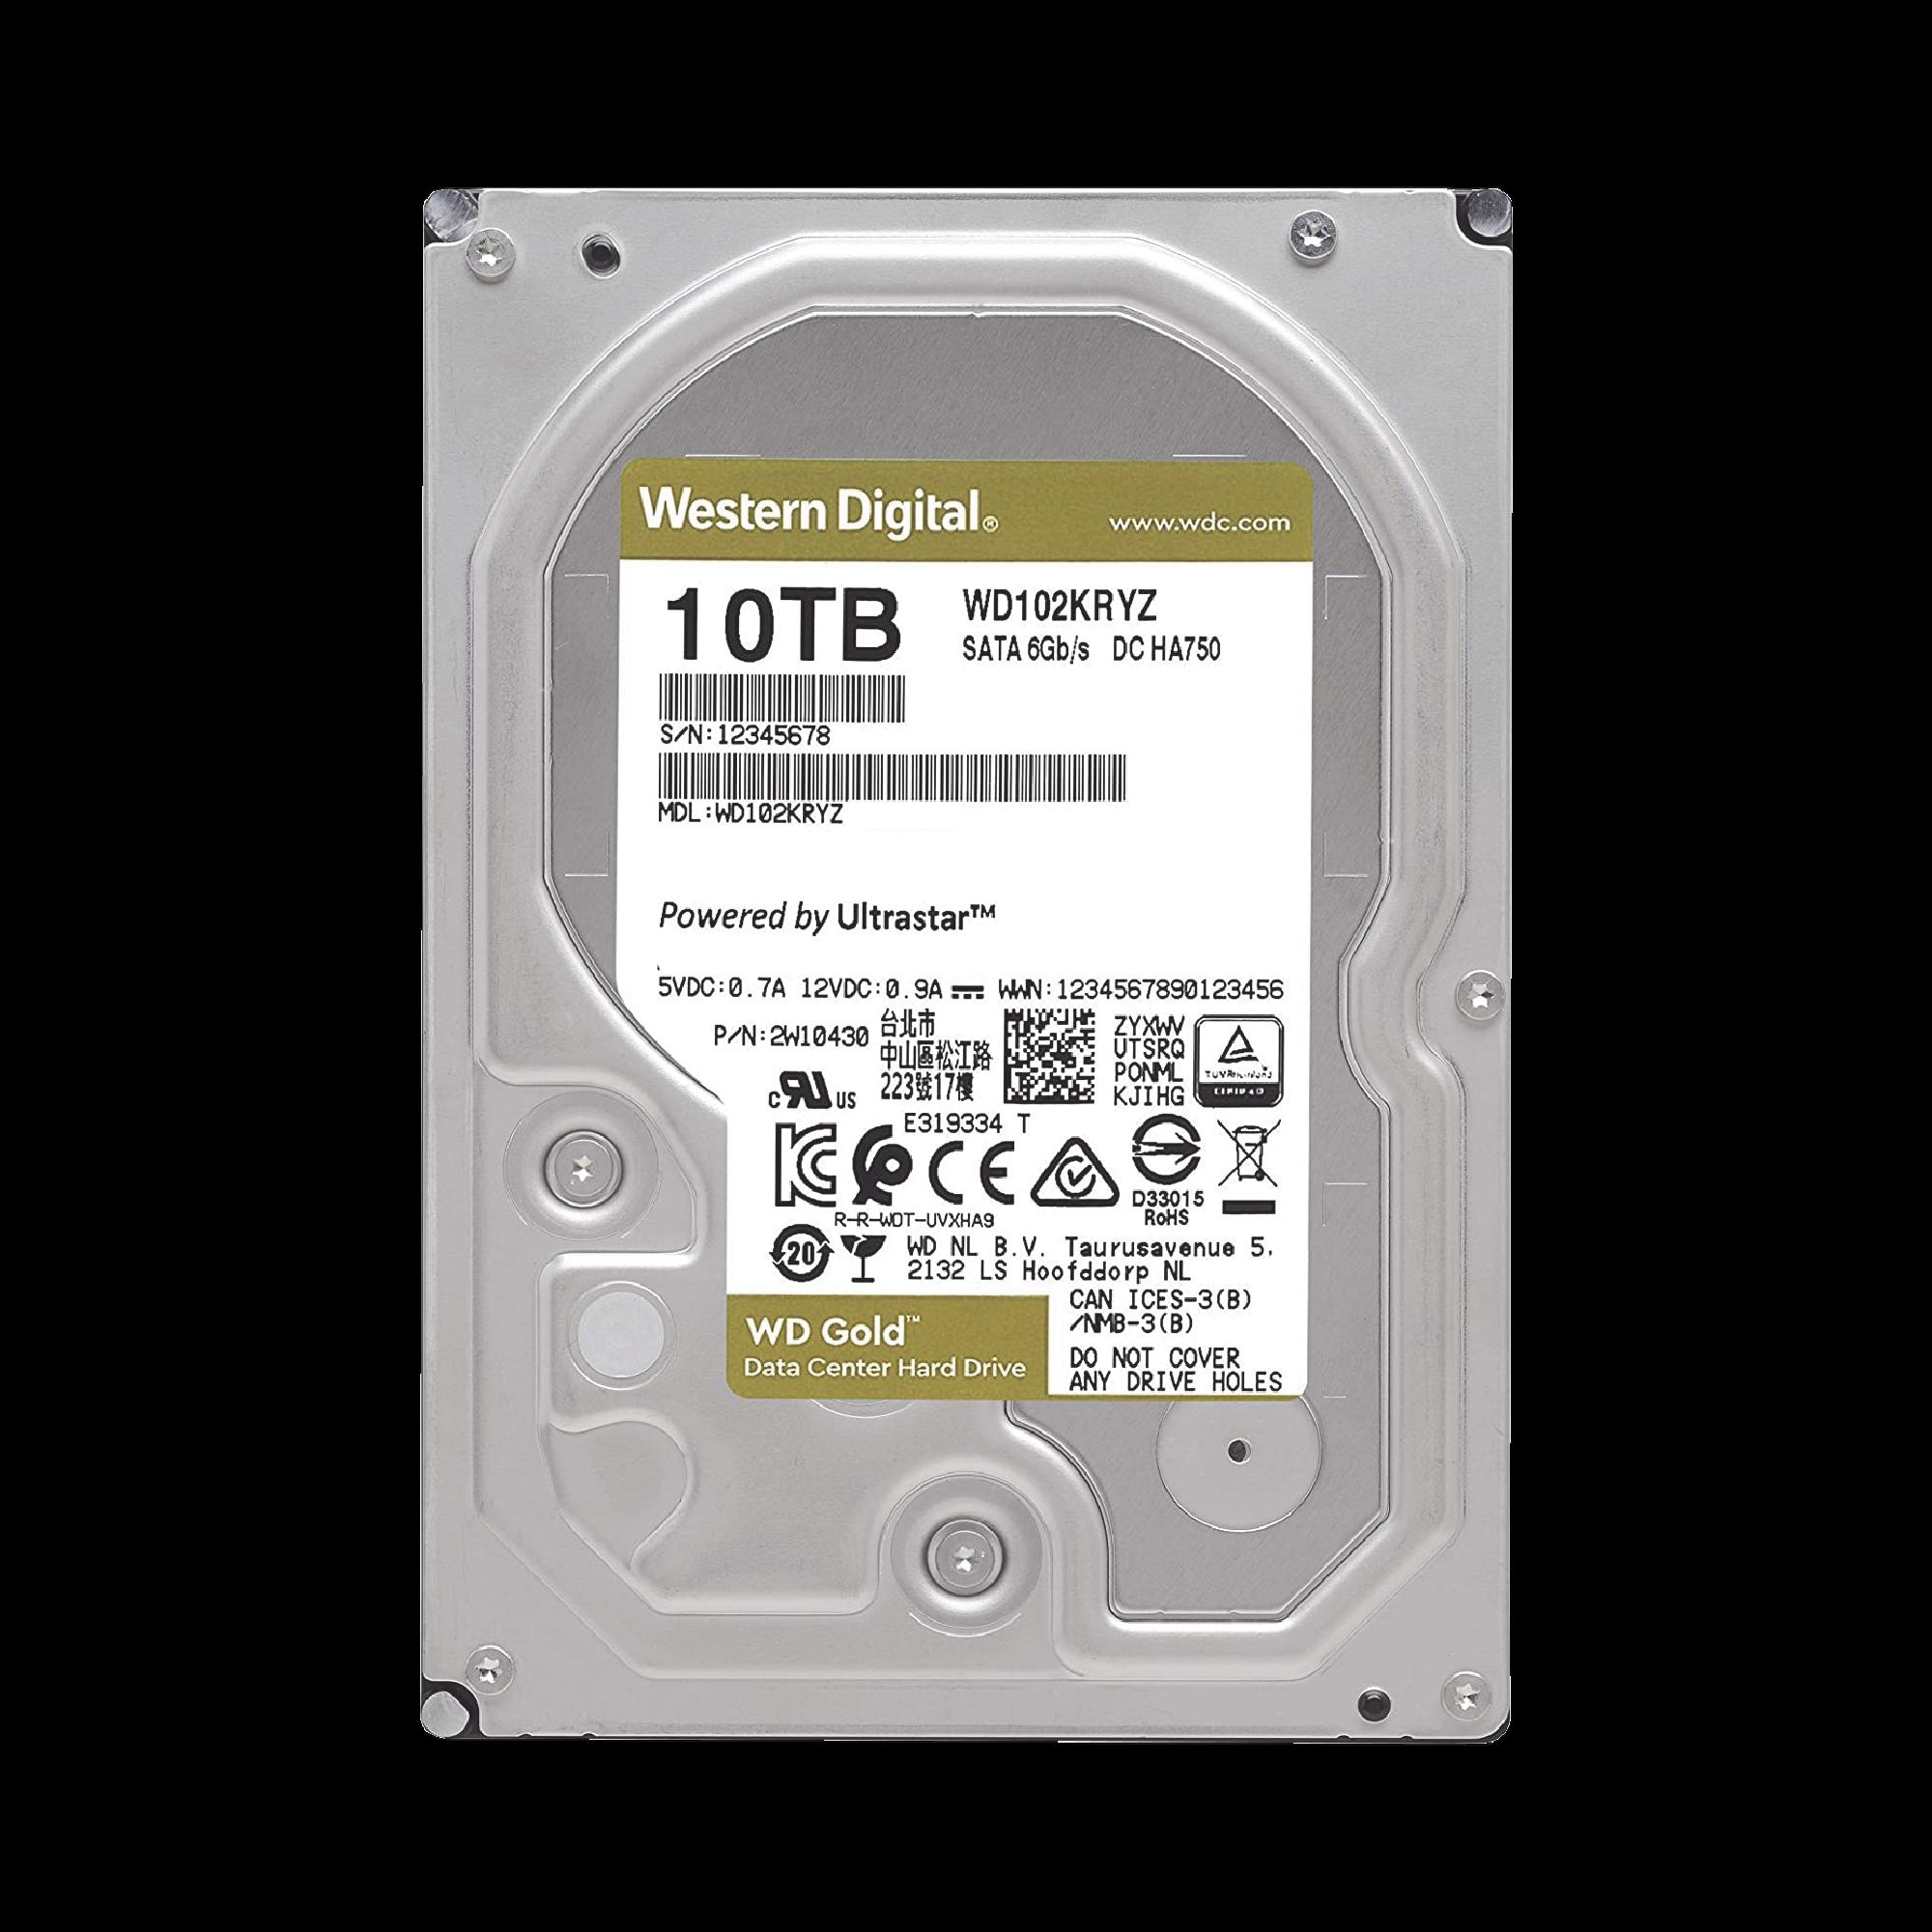 Disco duro WD 10TB / 7200RPM / Optimizado NAS y DataCenter / HelioSeal